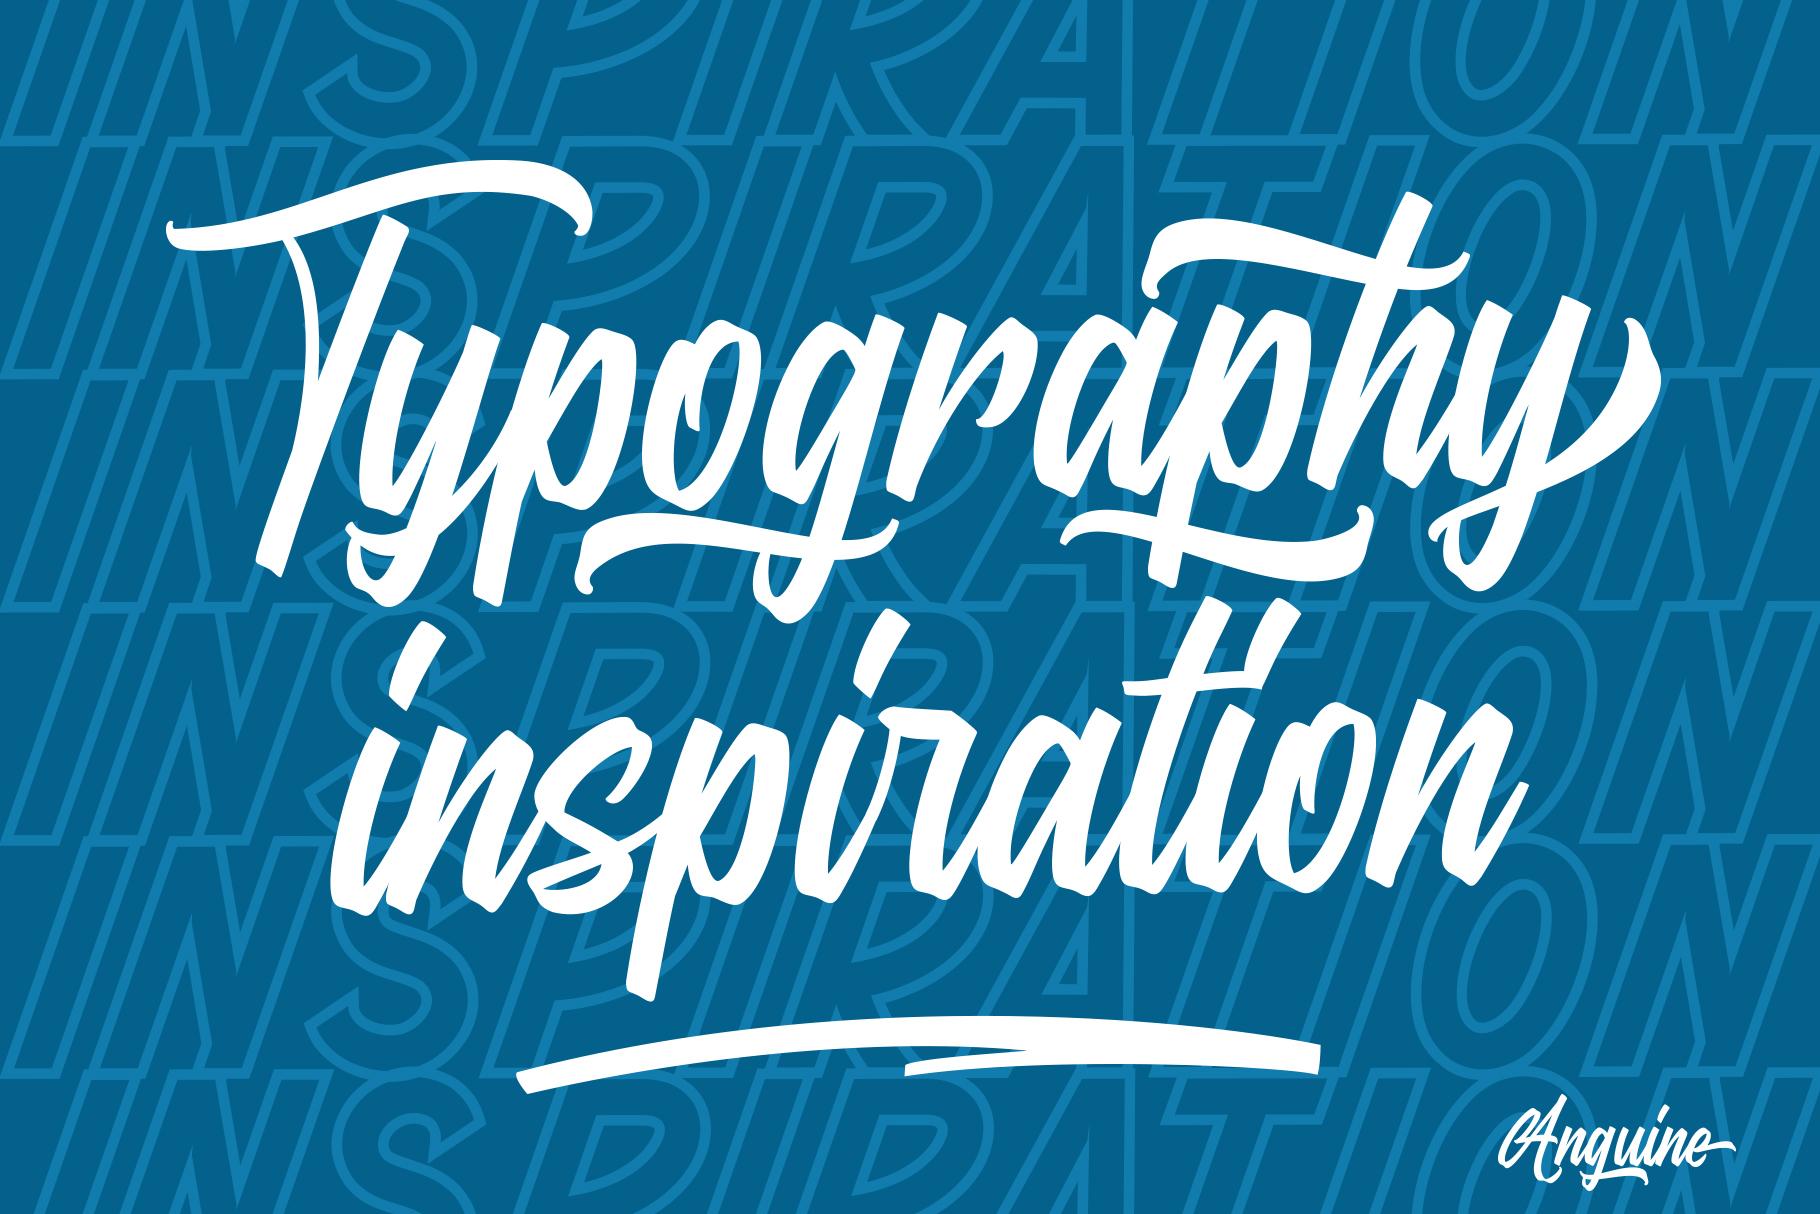 Anguine - Stylish Typeface example image 6